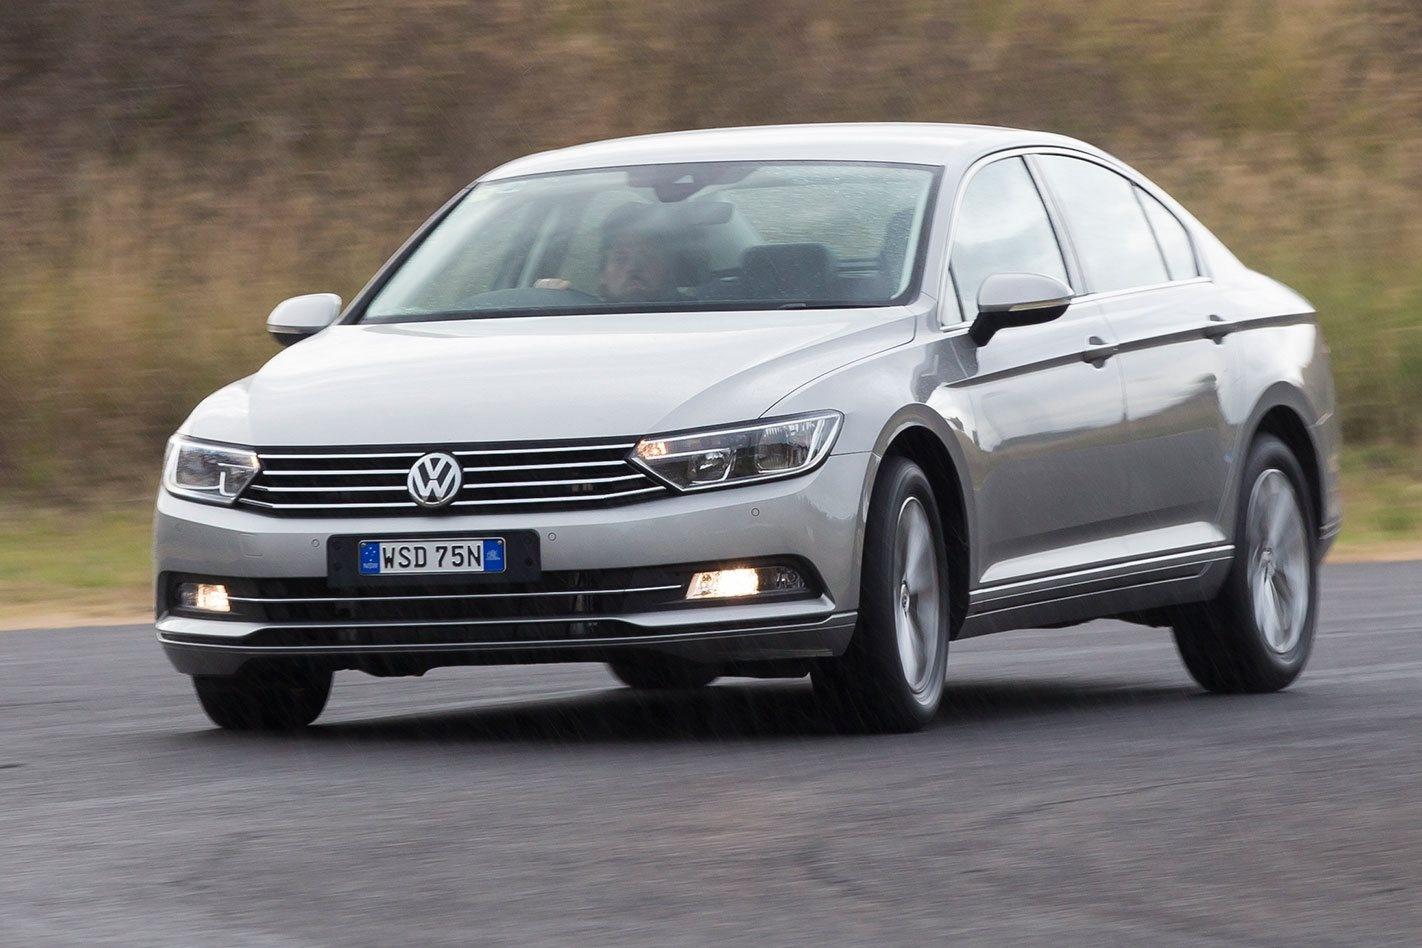 Volkswagen Passat Modified Inspirational Volkswagen Passat Review Price Features-2318 Of Elegant Volkswagen Passat Modified-2318